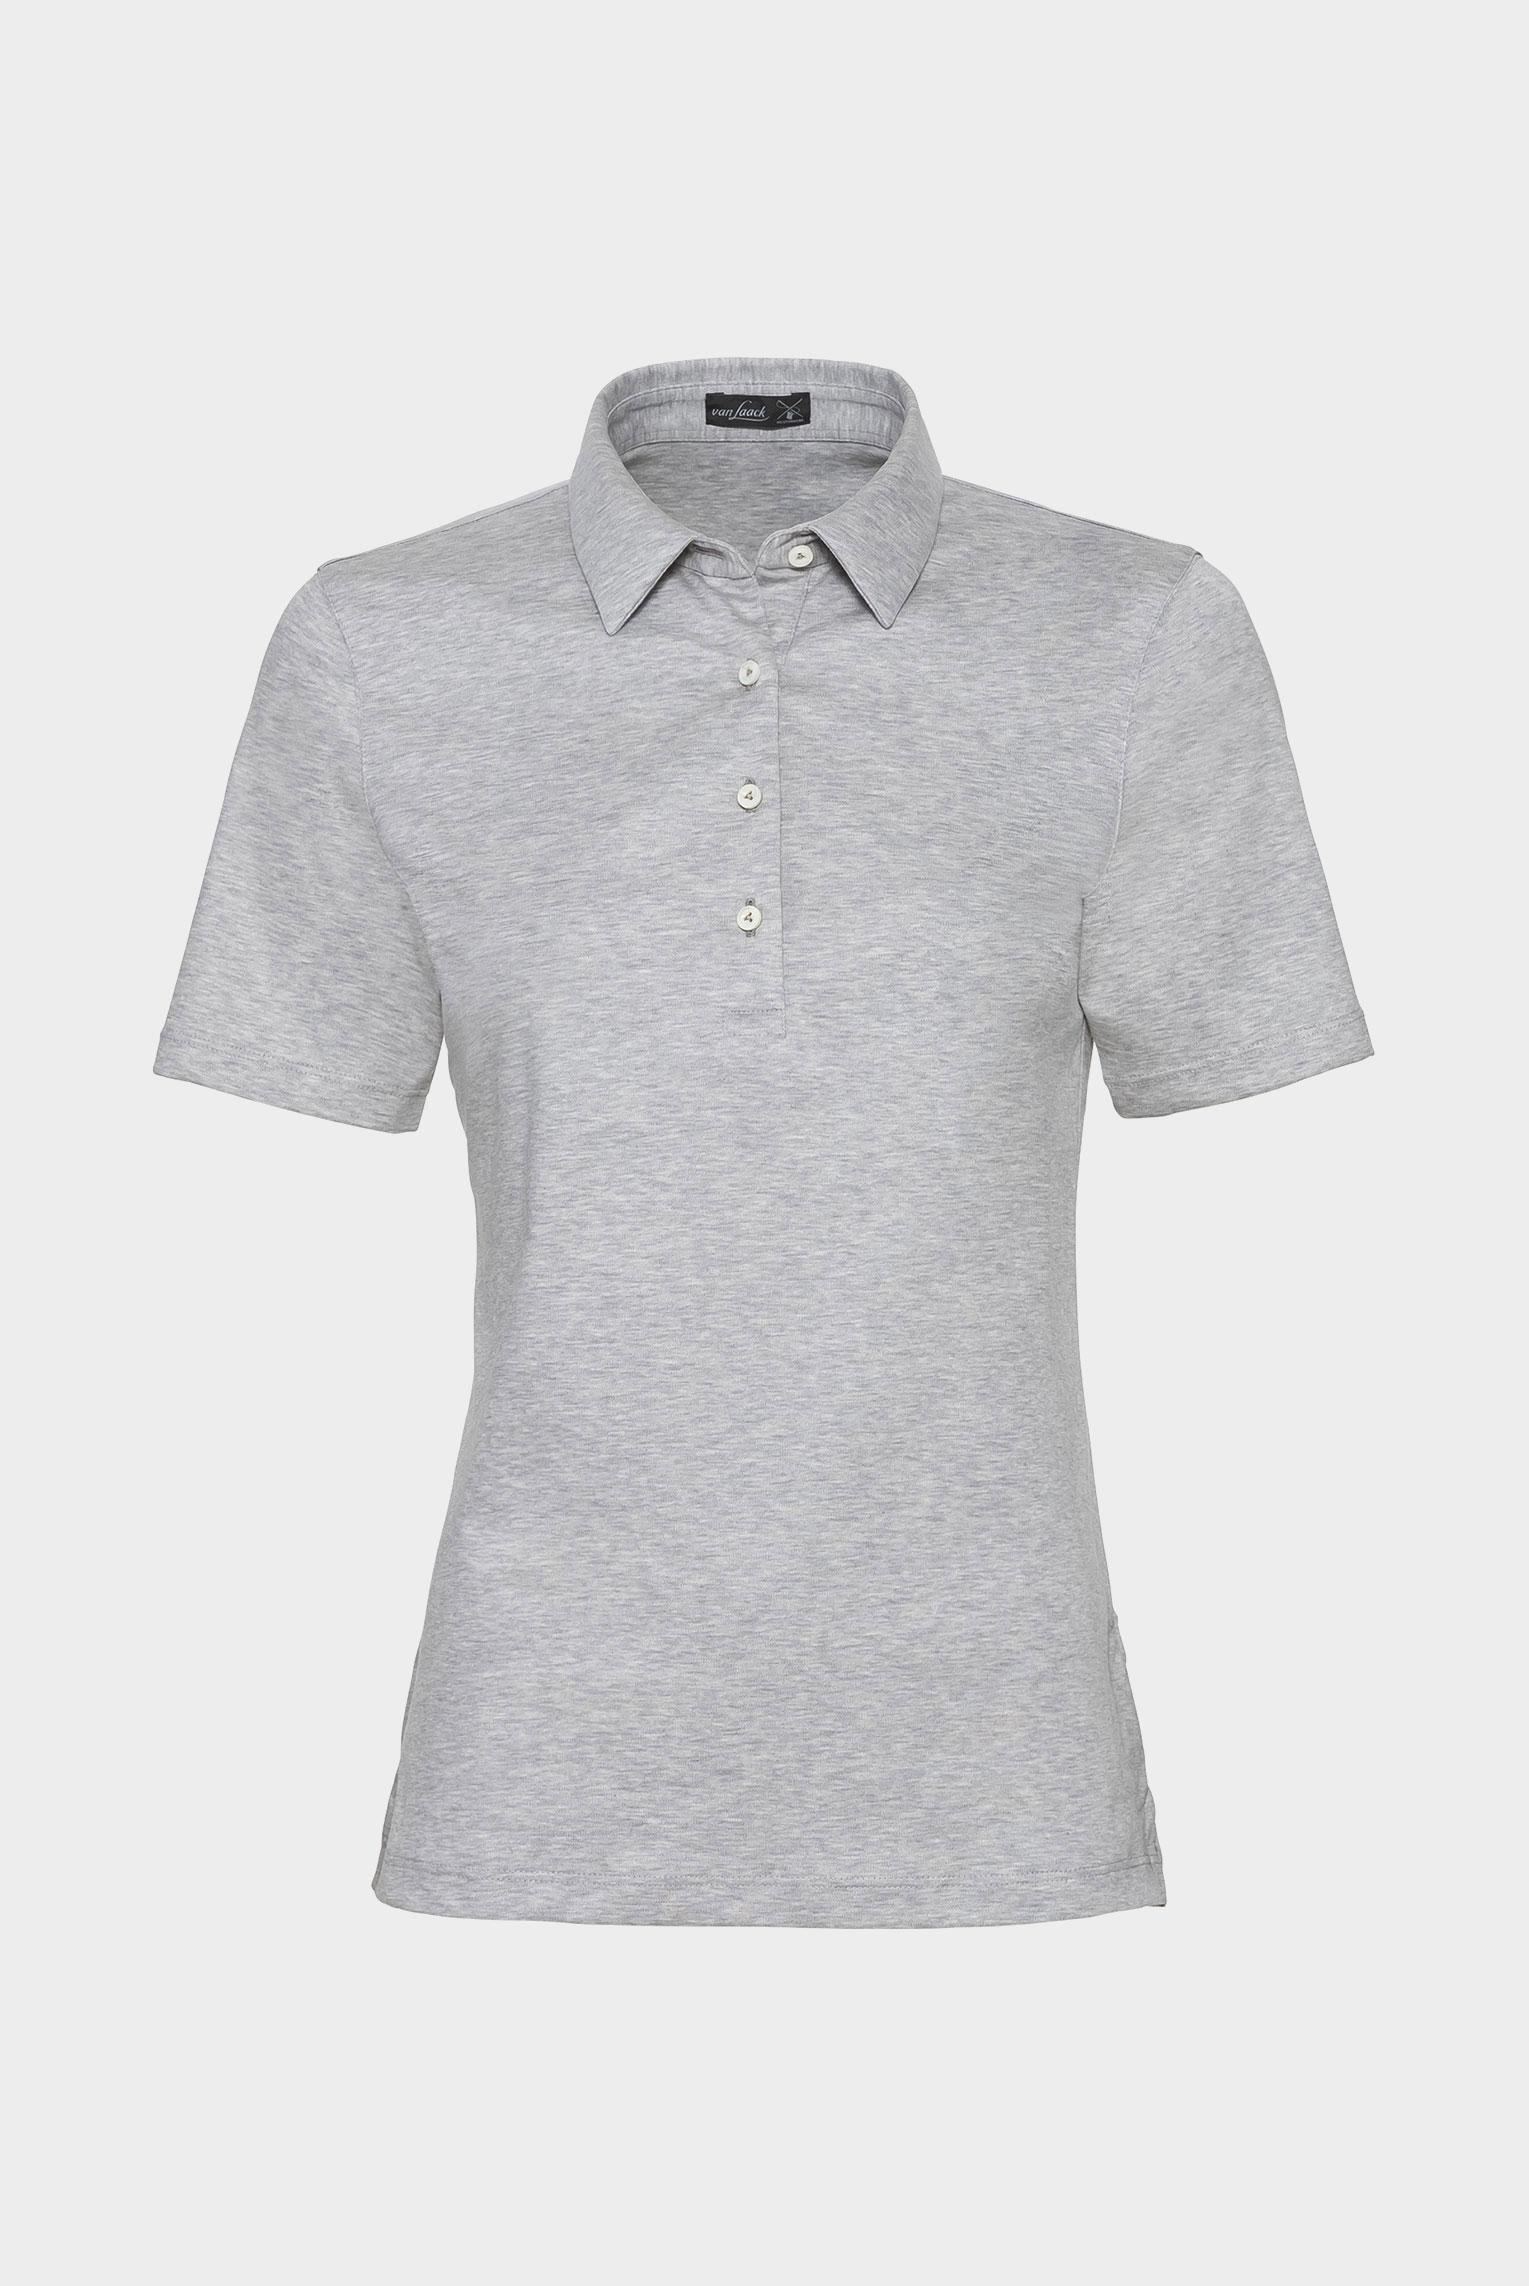 Neuheiten+Klassisches Damen Polo aus Jersey  Modern Fit Grau+05.600L..180031.030.38